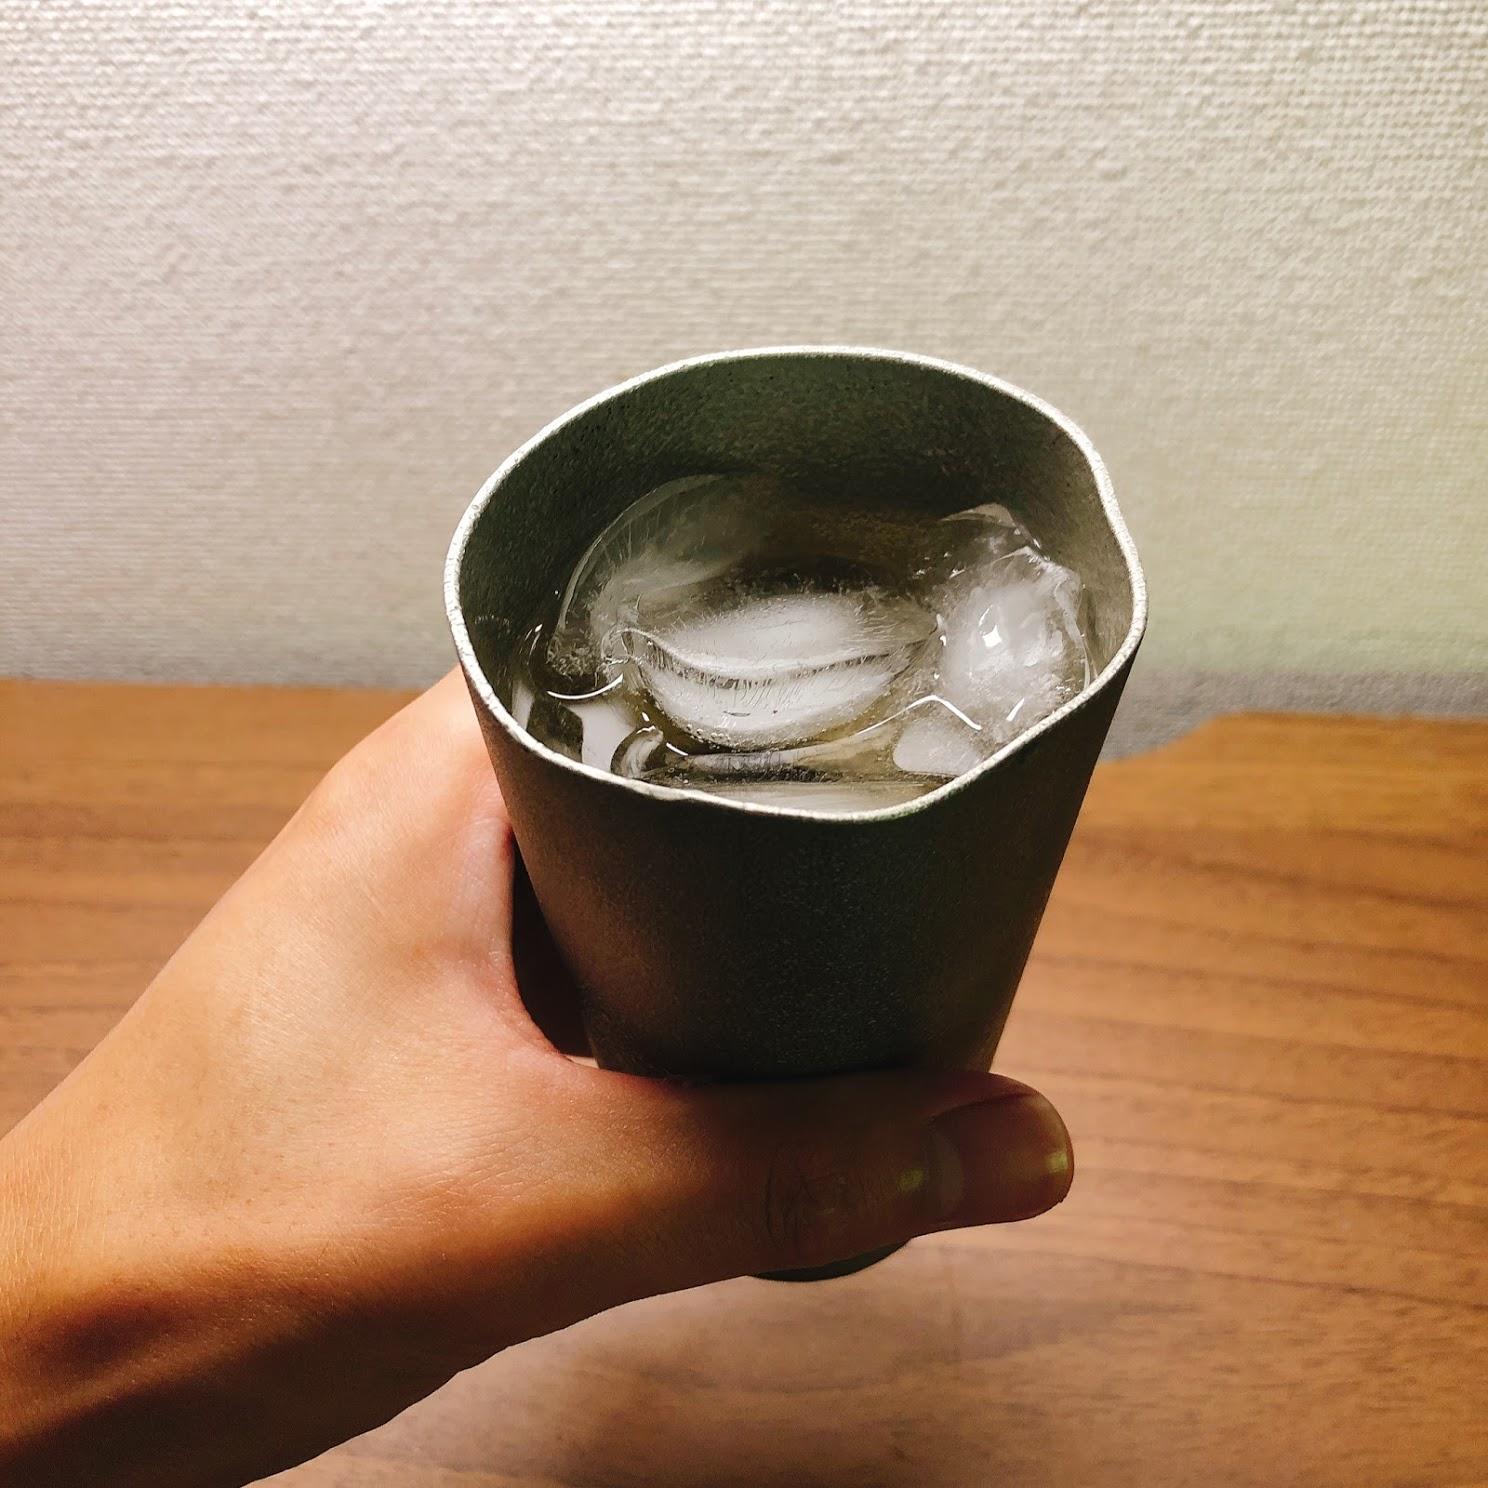 錫ビアカップを持ってみた